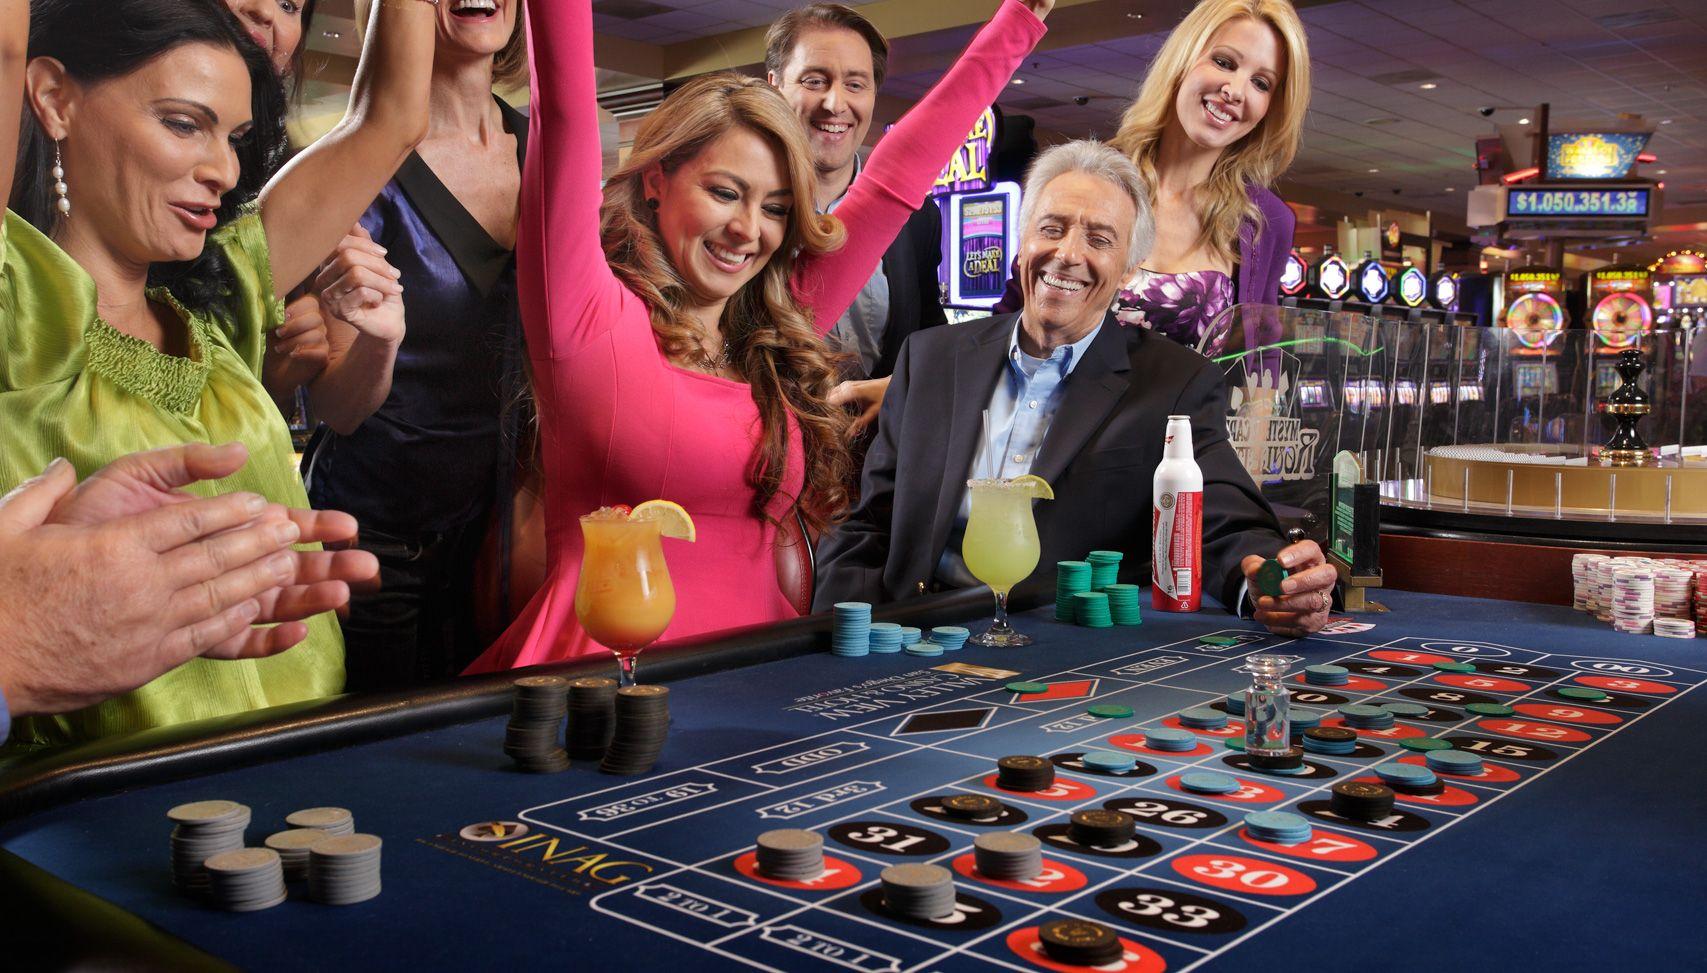 Casino casino casino co uk gambling gambling gambling online online black casino gambling jack poker roulette